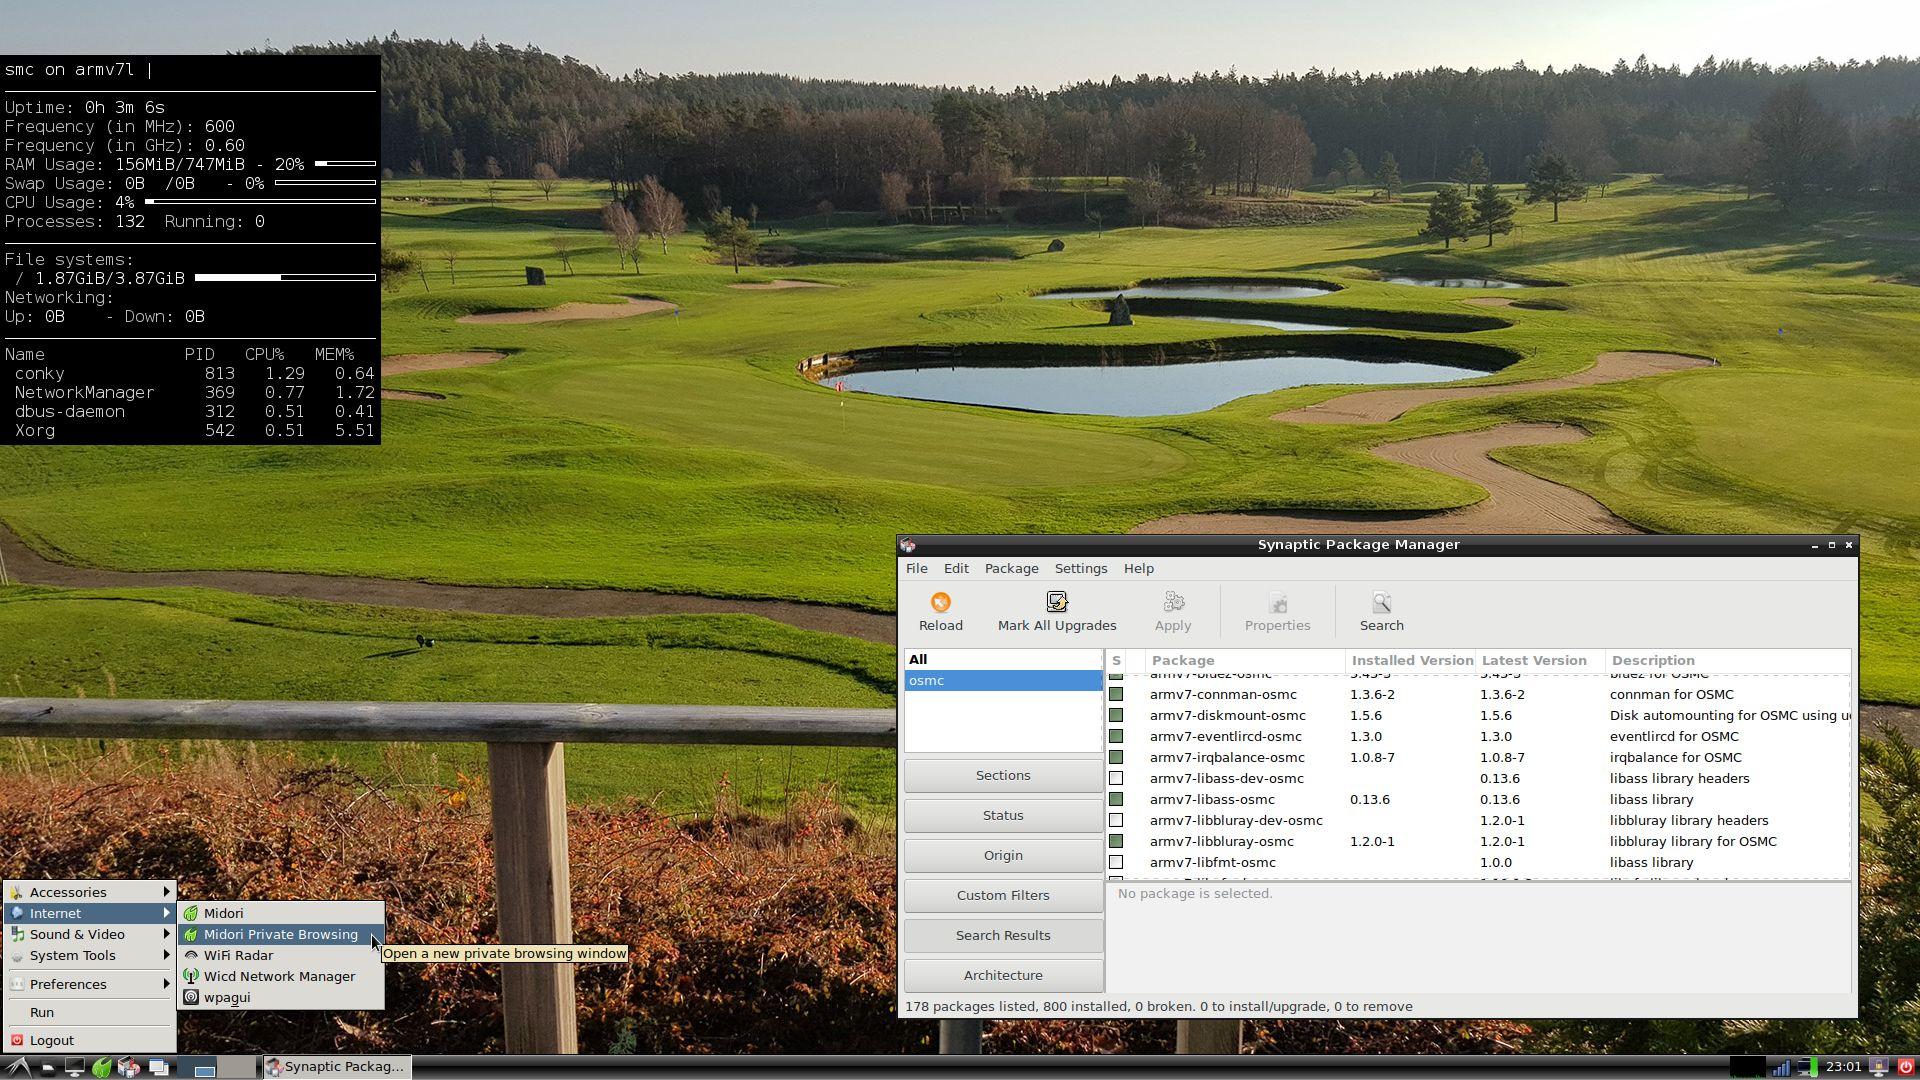 RaspEX OSMC Rpi3 with LXDE Desktop and Kodi 18 Media Center